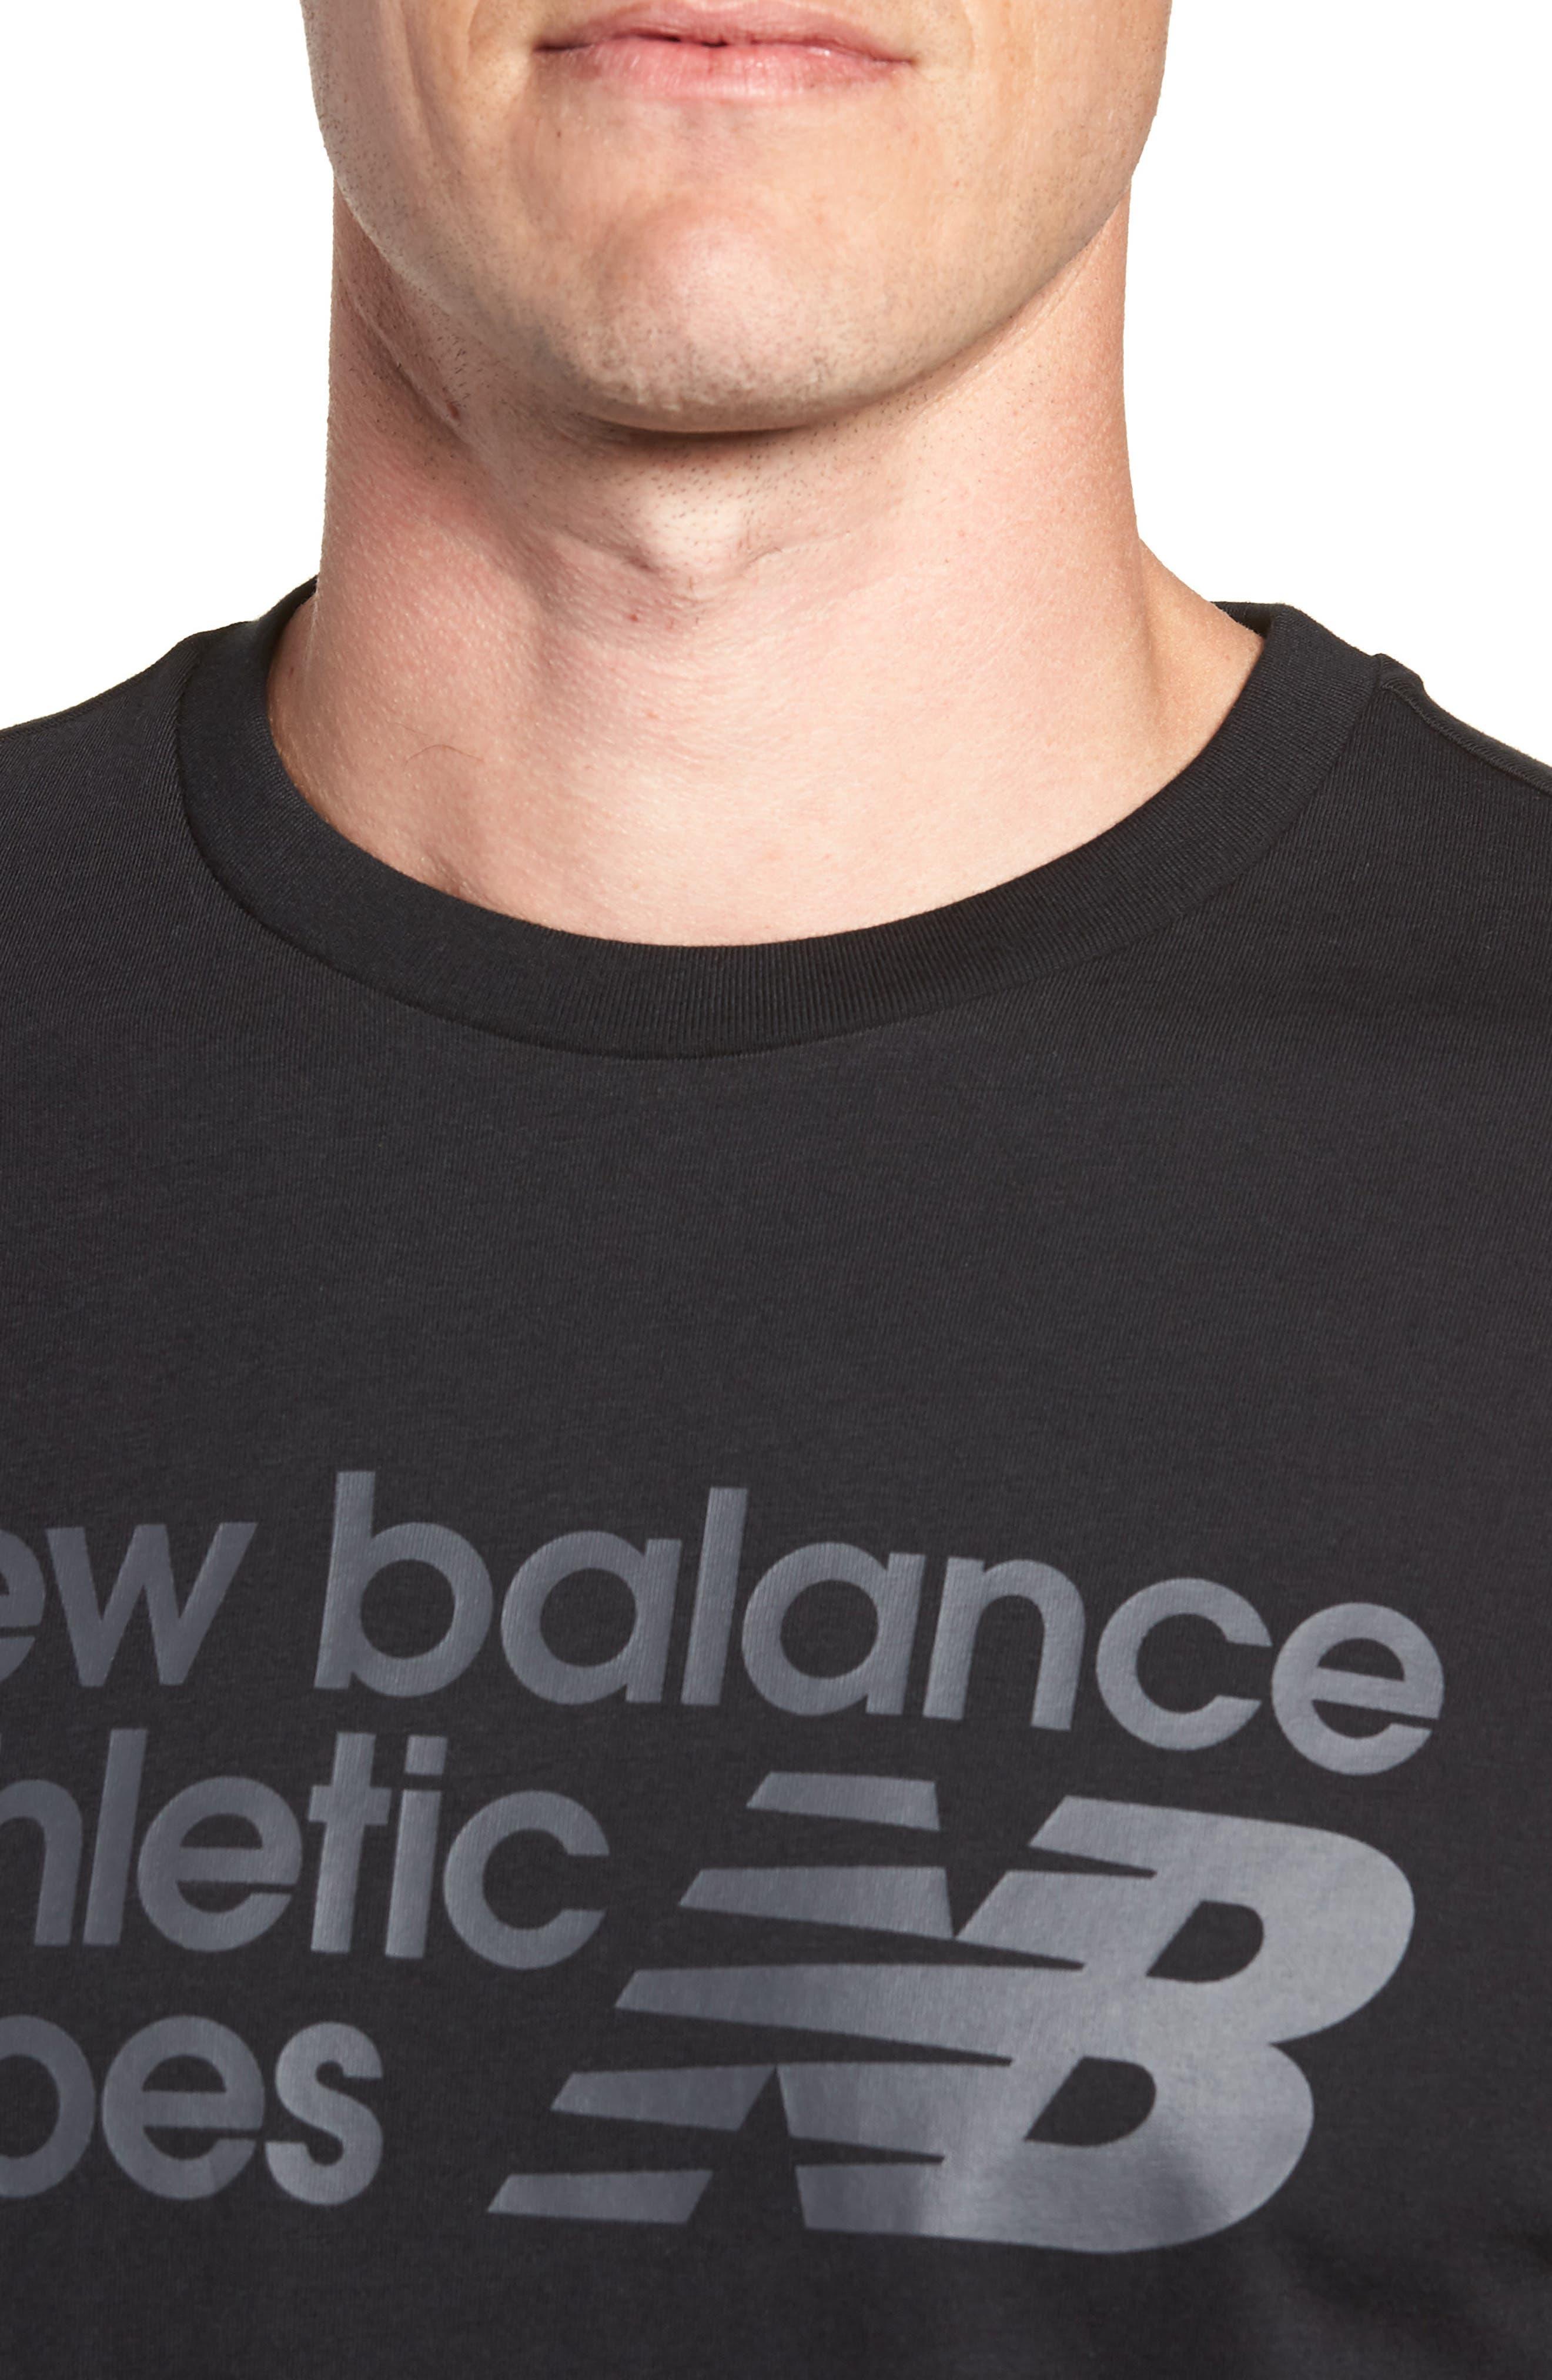 NEW BALANCE, NB Shoe Box Graphic T-Shirt, Alternate thumbnail 4, color, BLACK